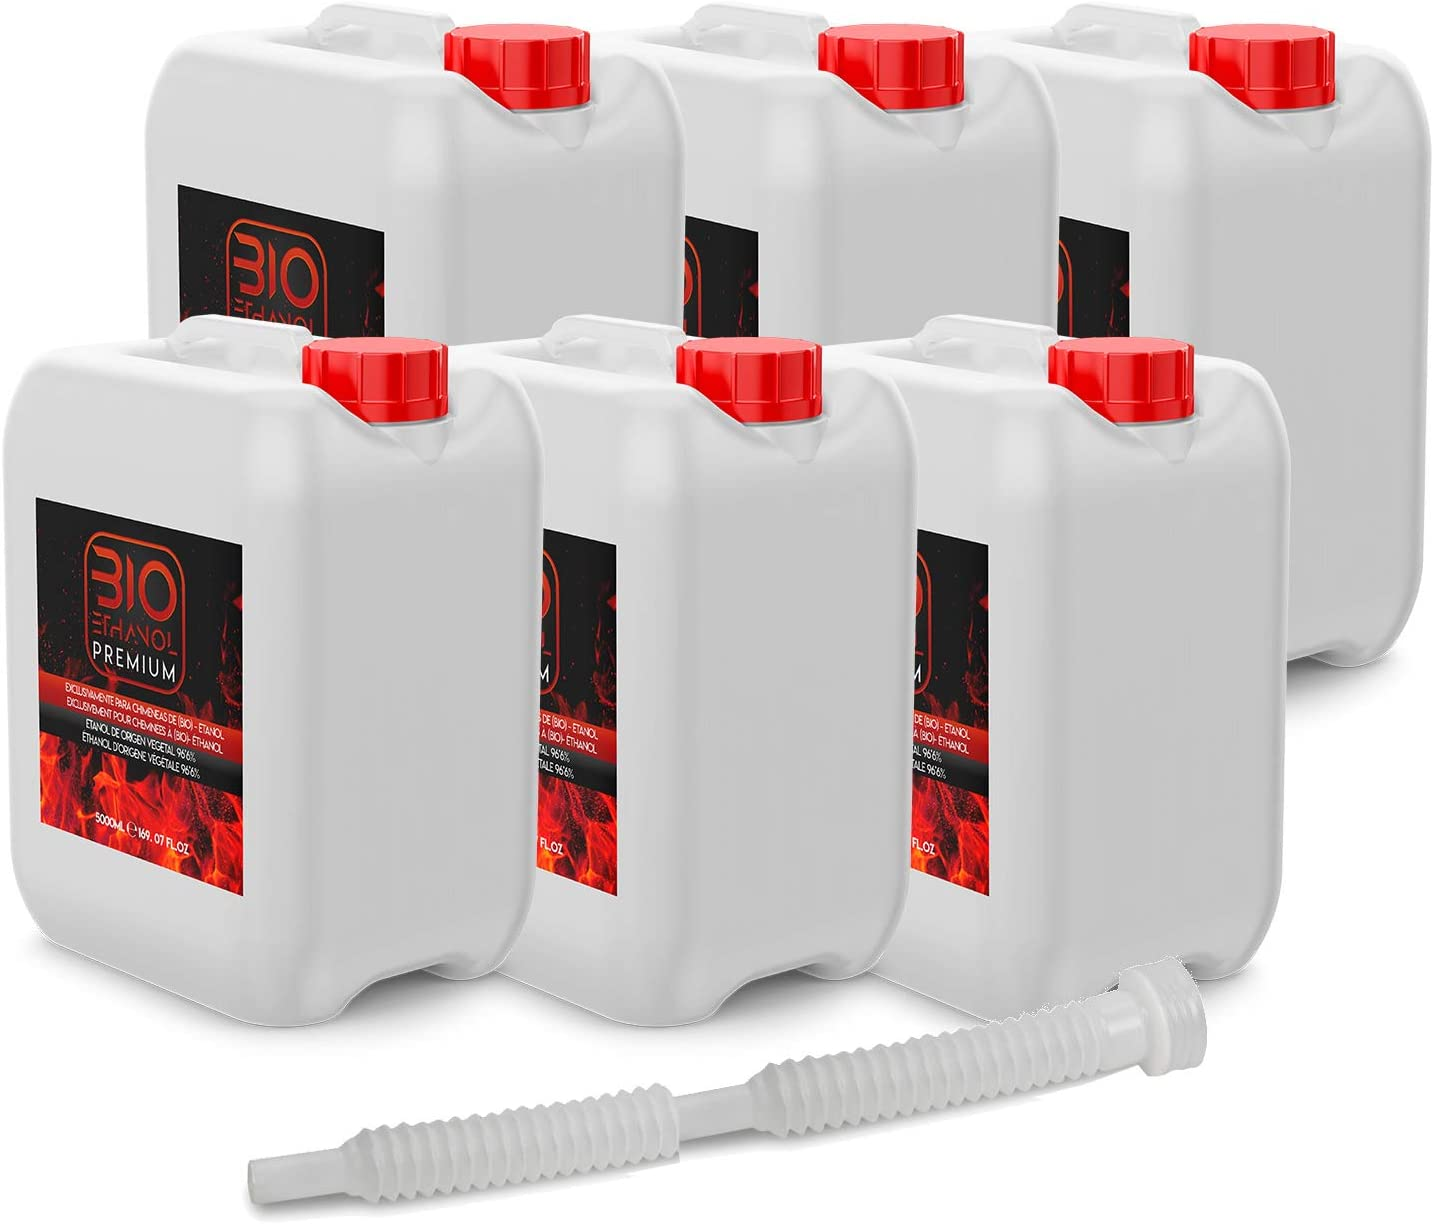 6 x 5 Litros Bioetanol Premium con Embudo - Etanol Vegetal para chimeneas - 30 Litros Combustión de alta calidad no humos